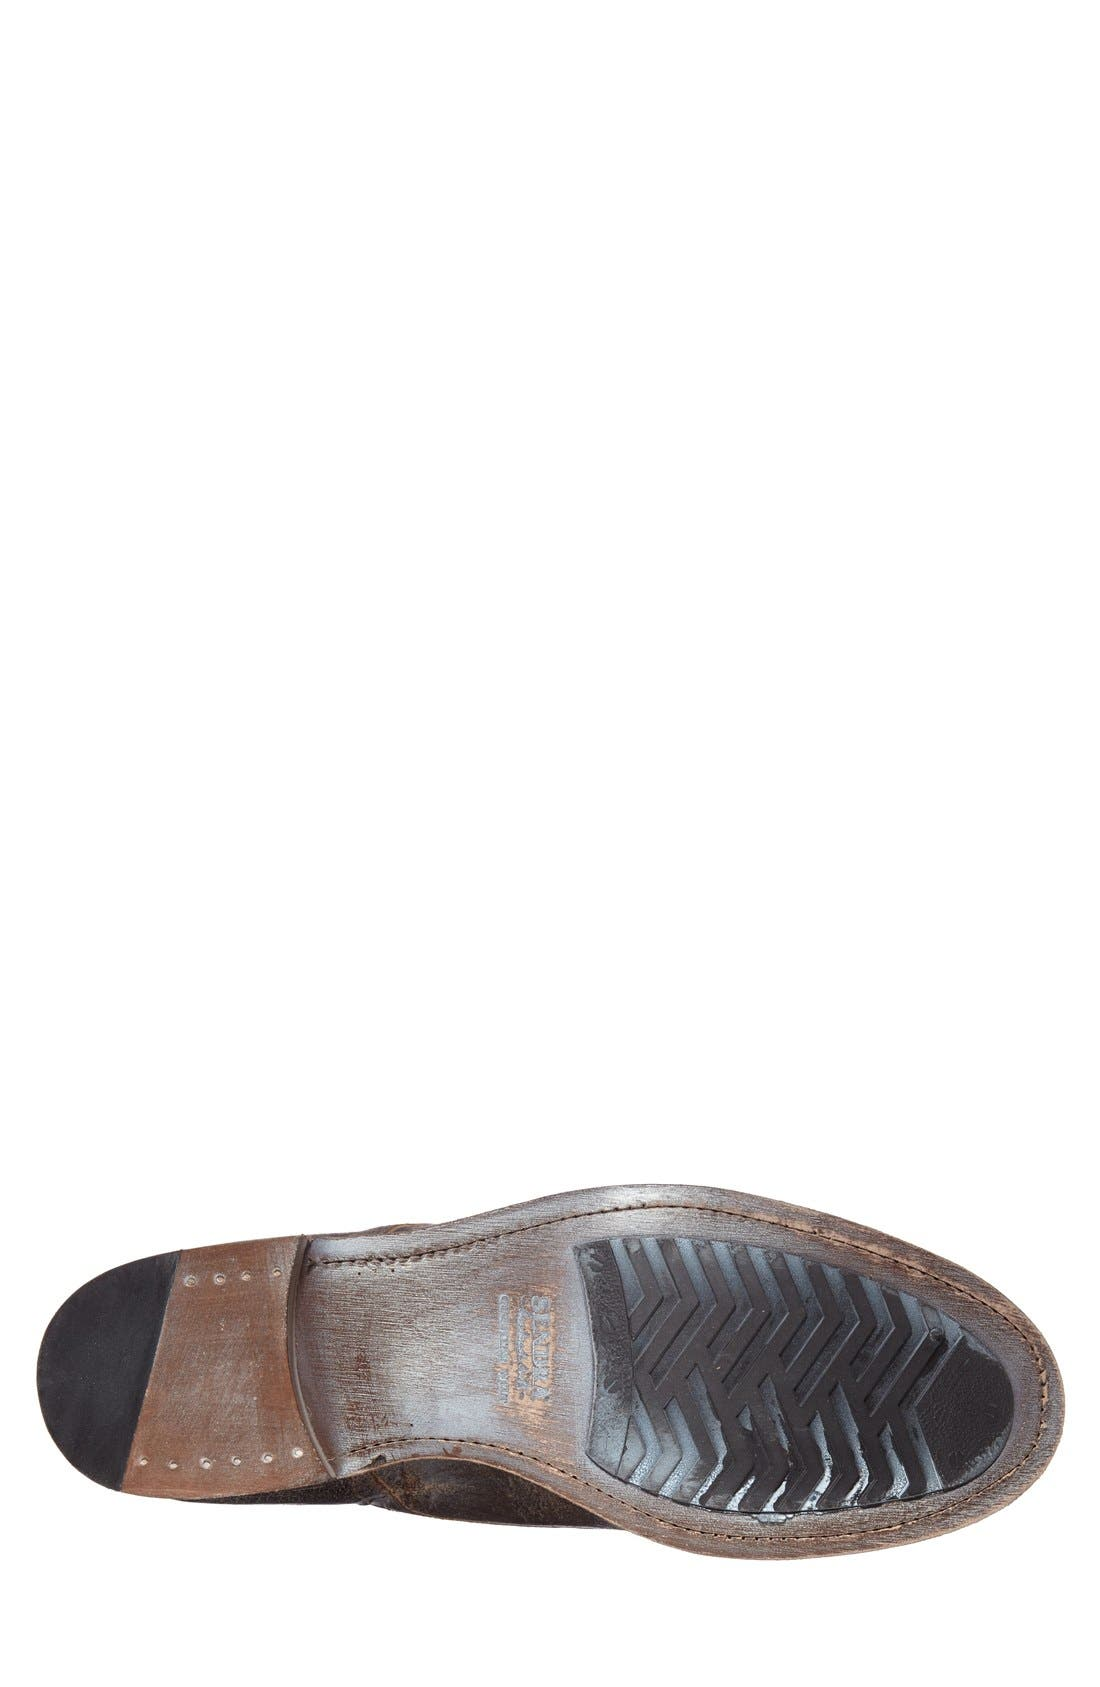 Boots 'Friar Tuk' Double Monk Strap Shoe,                             Alternate thumbnail 4, color,                             Brown Vintage